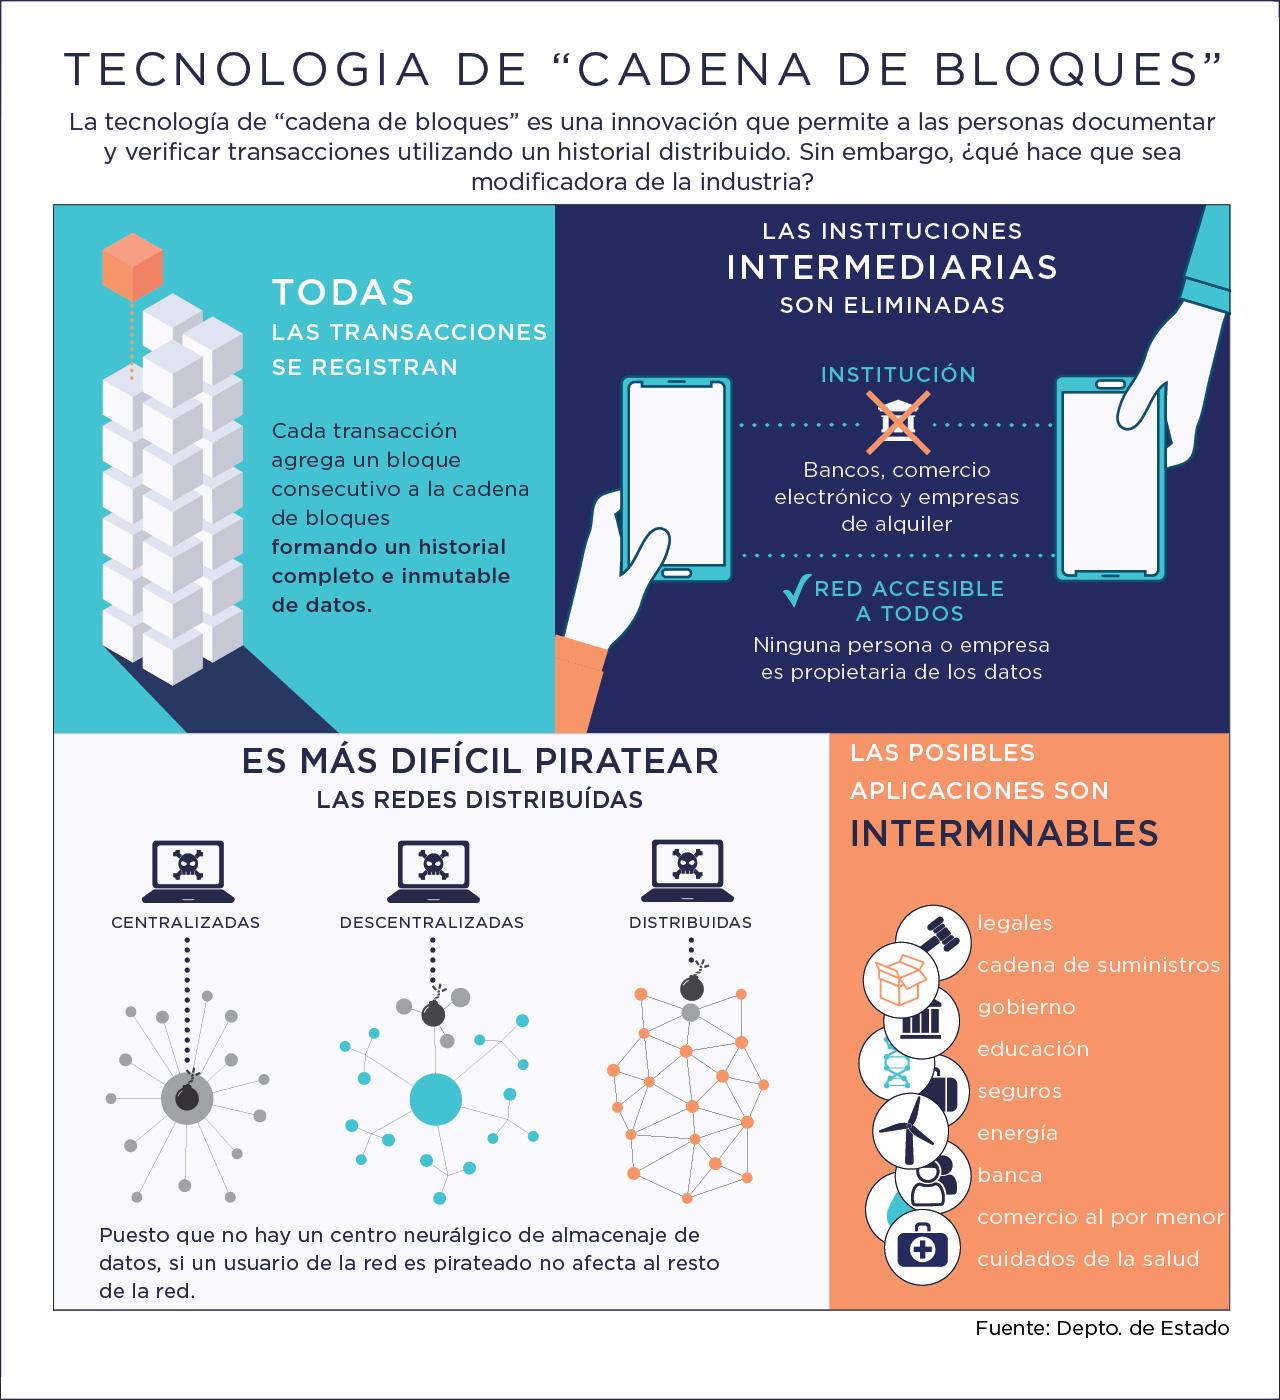 Gráfica informativa explica la tecnología de cadena de bloques (Depto. de Estado)